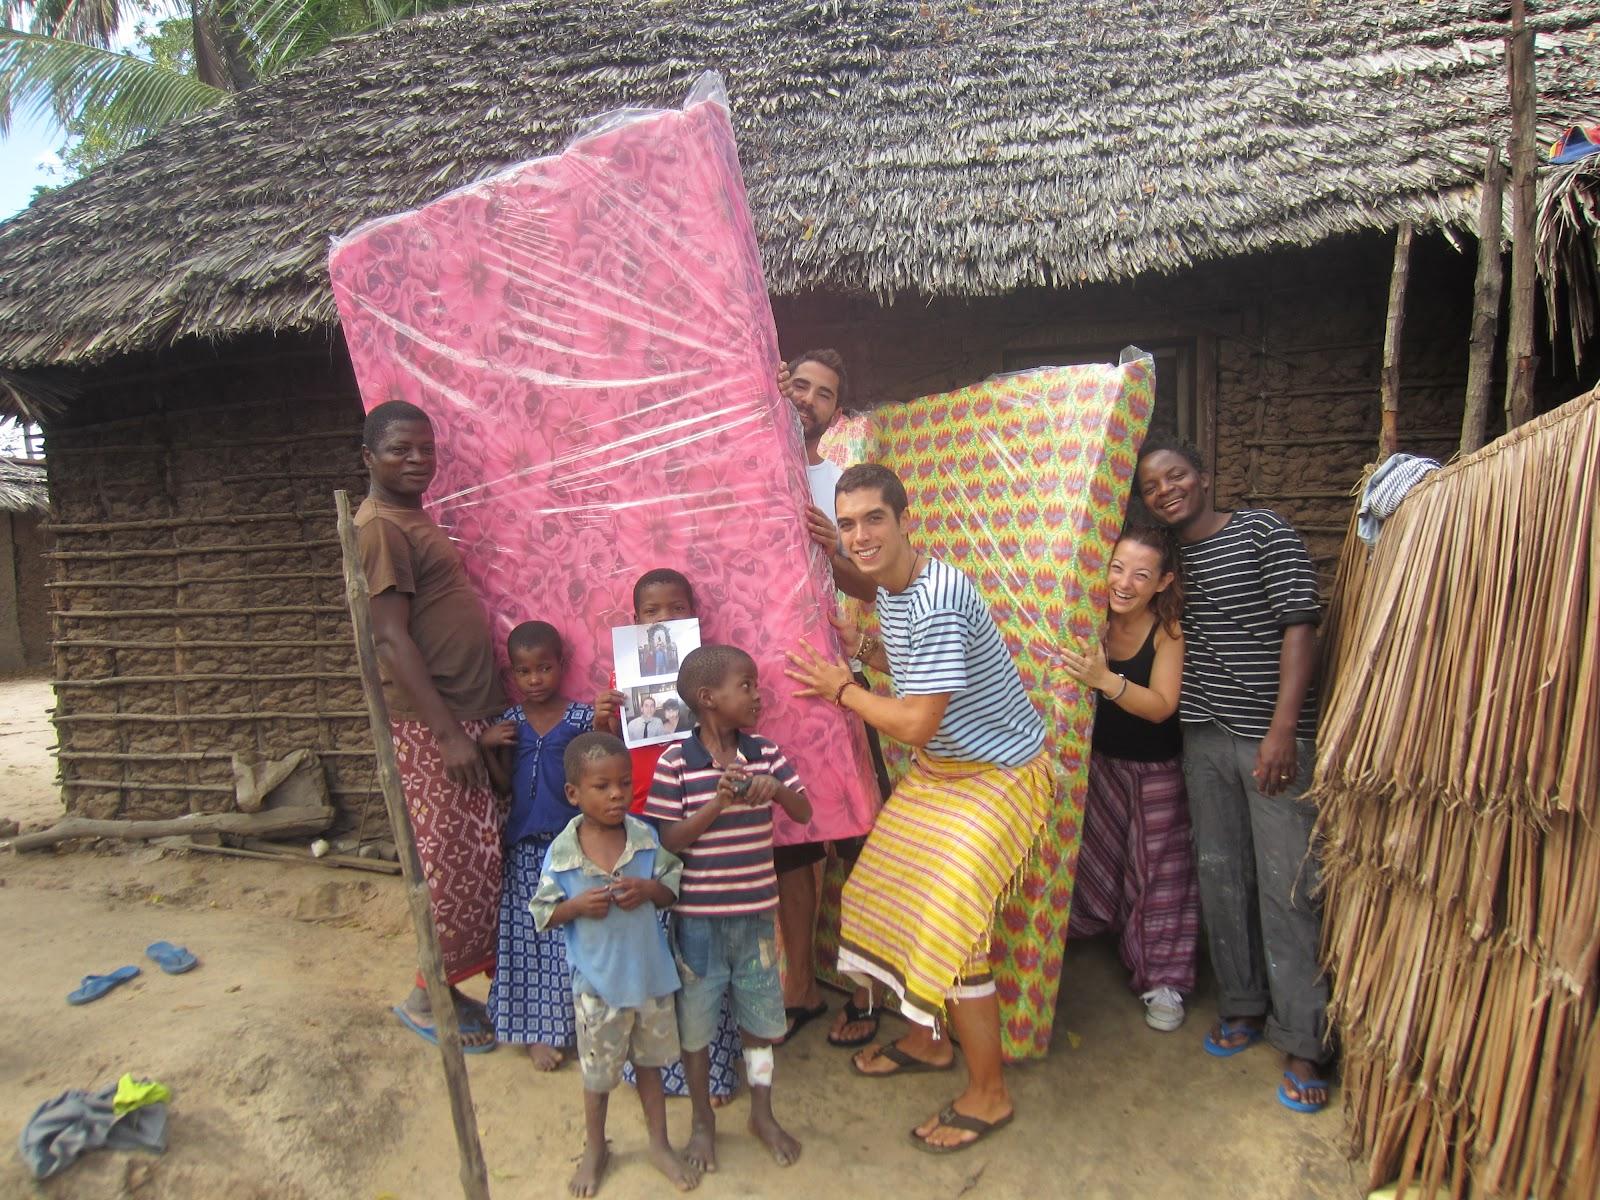 Children of africa colchones y casa nueva - Casa de colchones ...